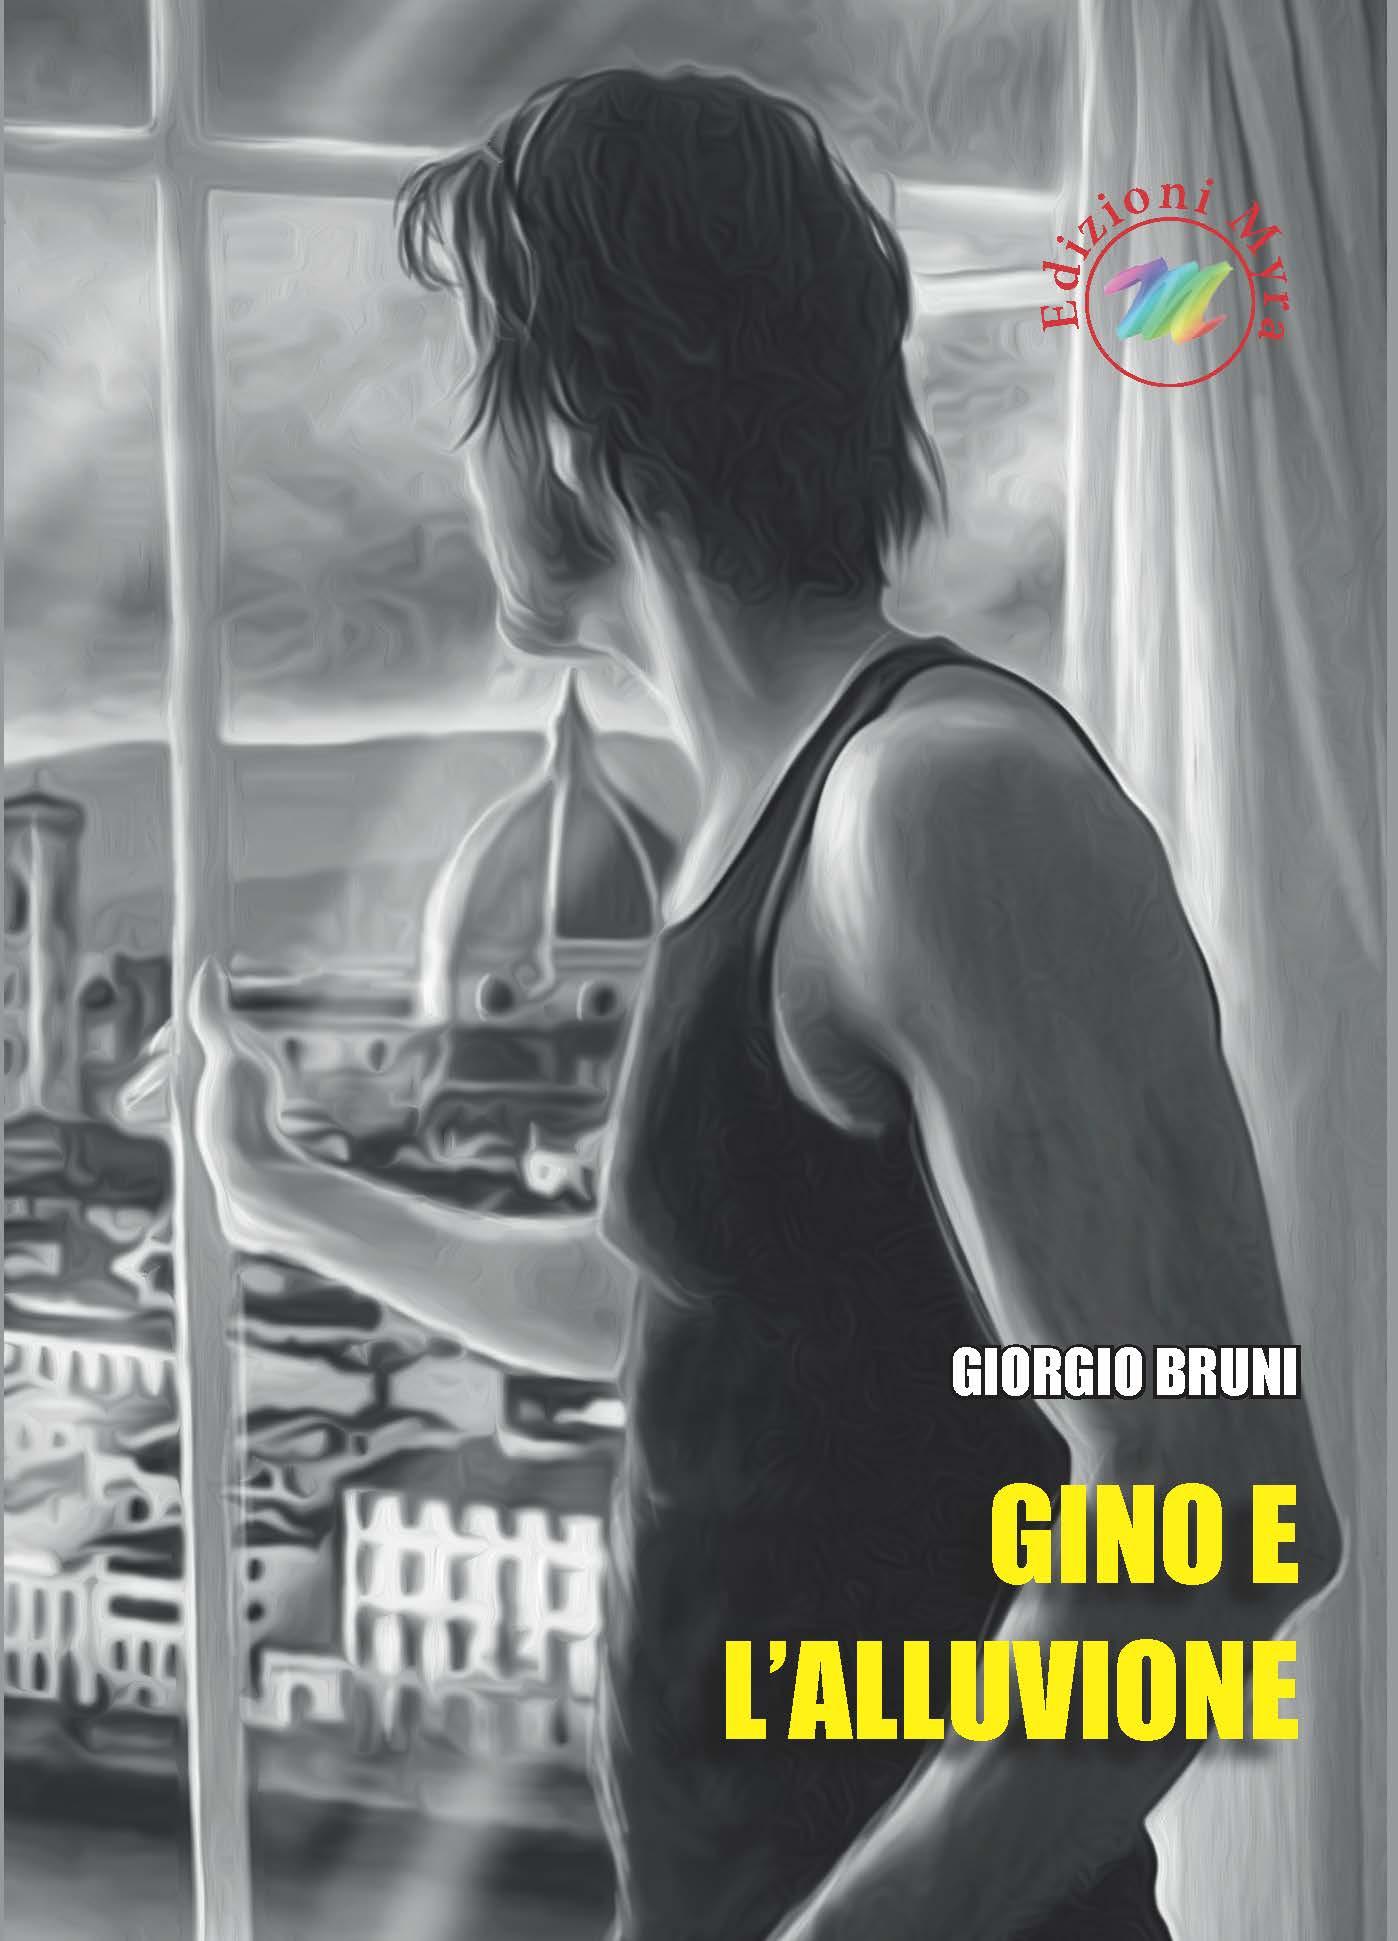 Gino e l'alluvione